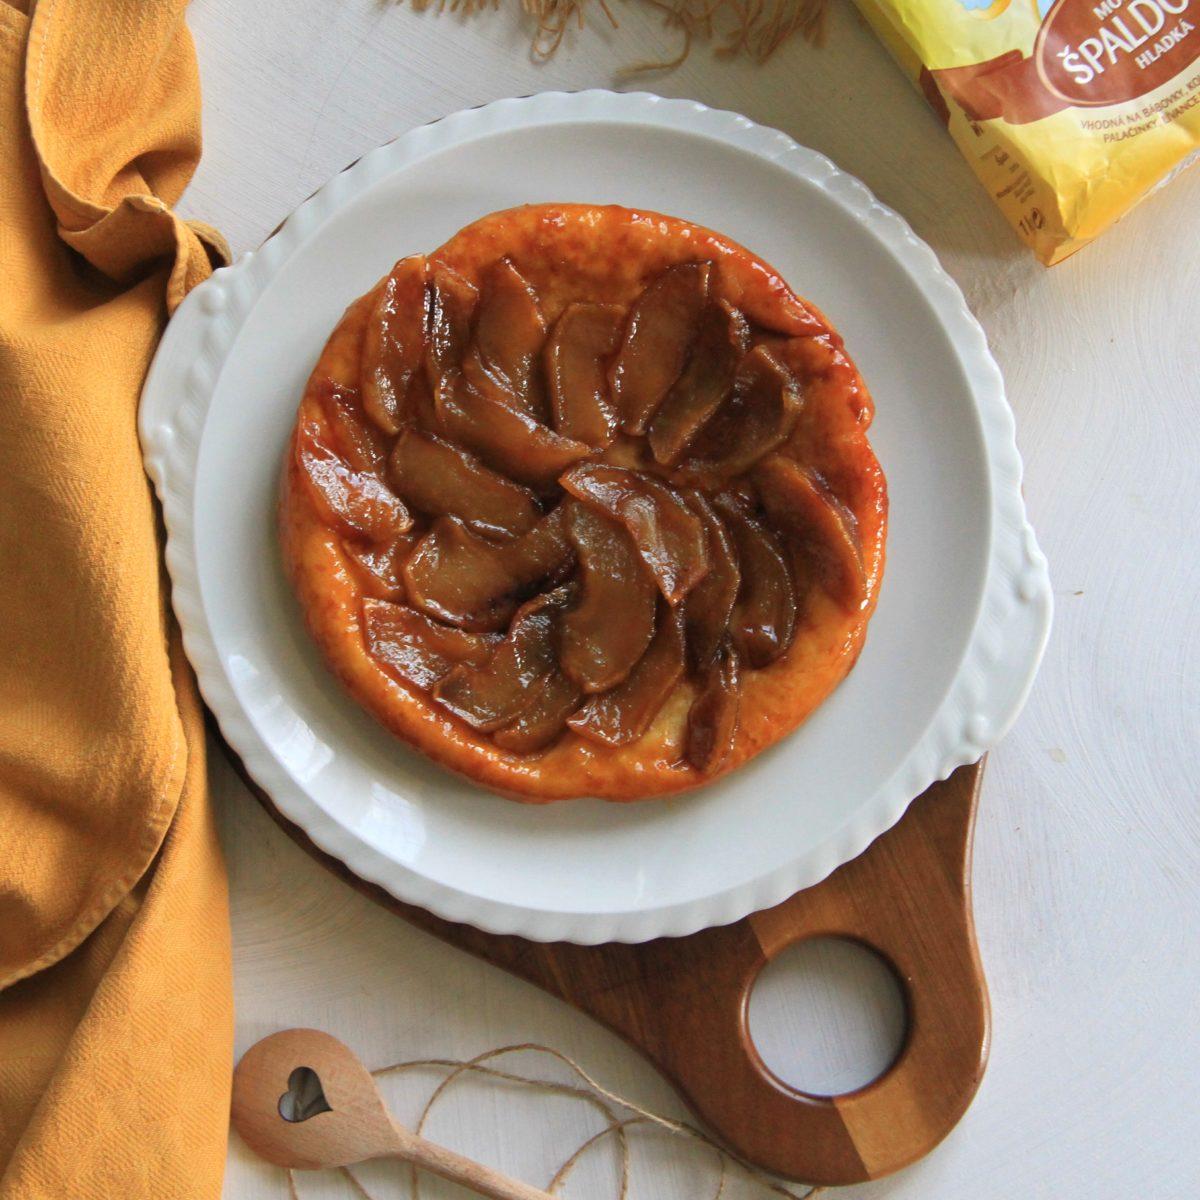 Jablečný tarte Tatin